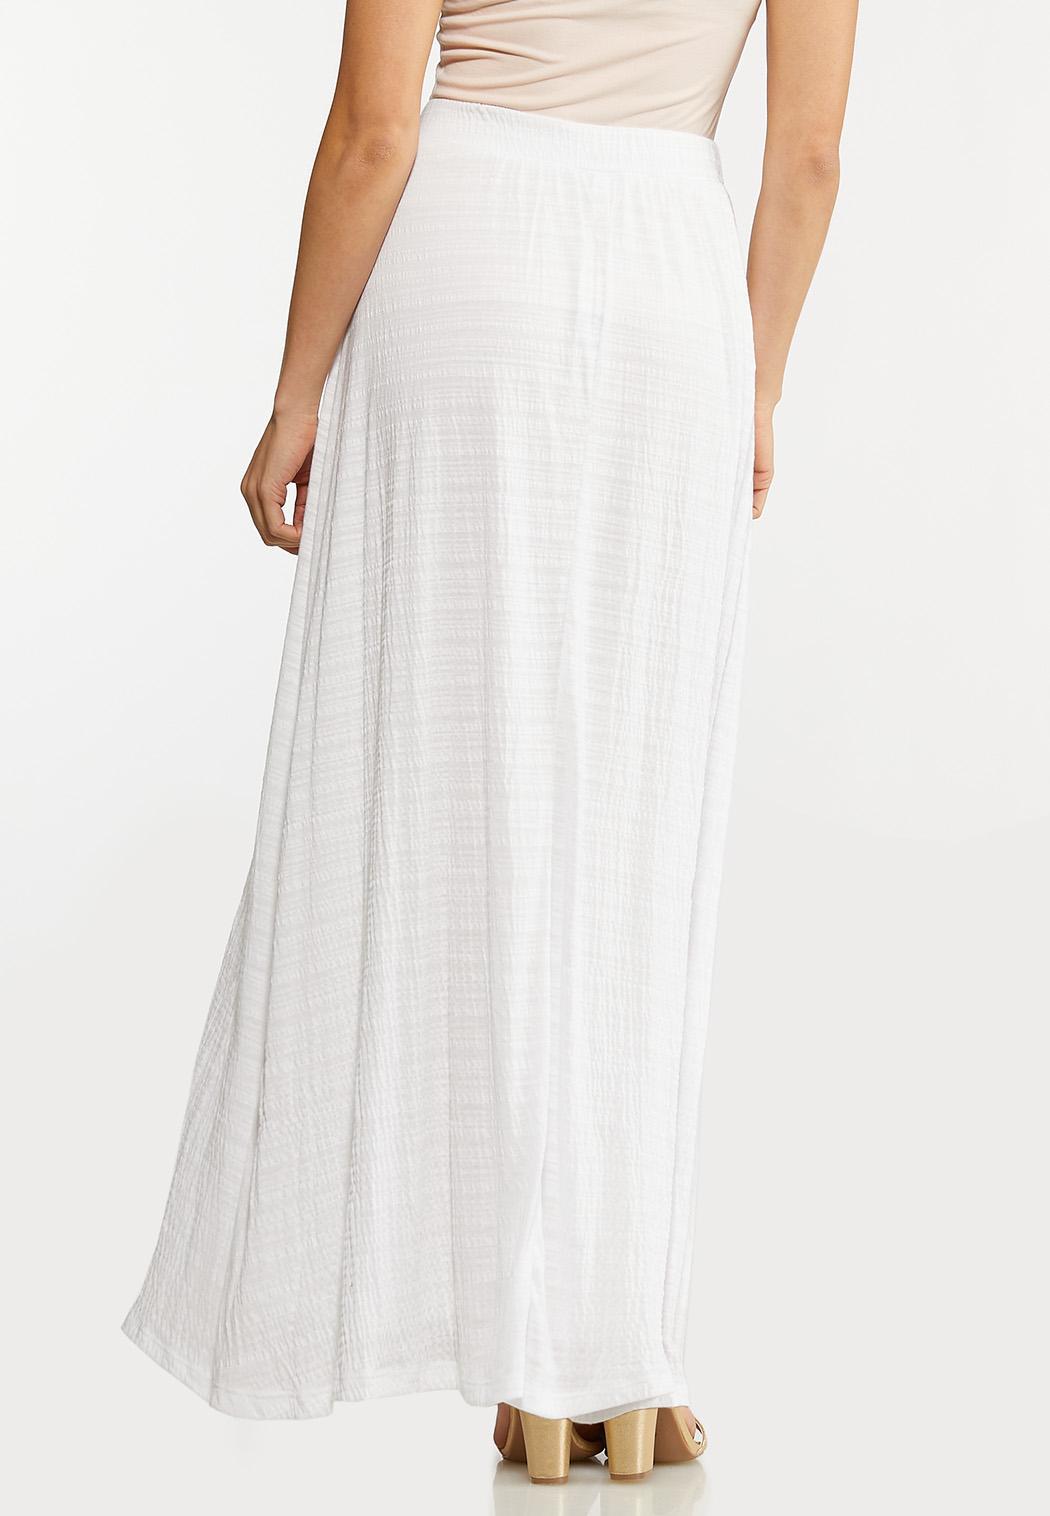 Plus Size Textured White Maxi Skirt (Item #44146339)